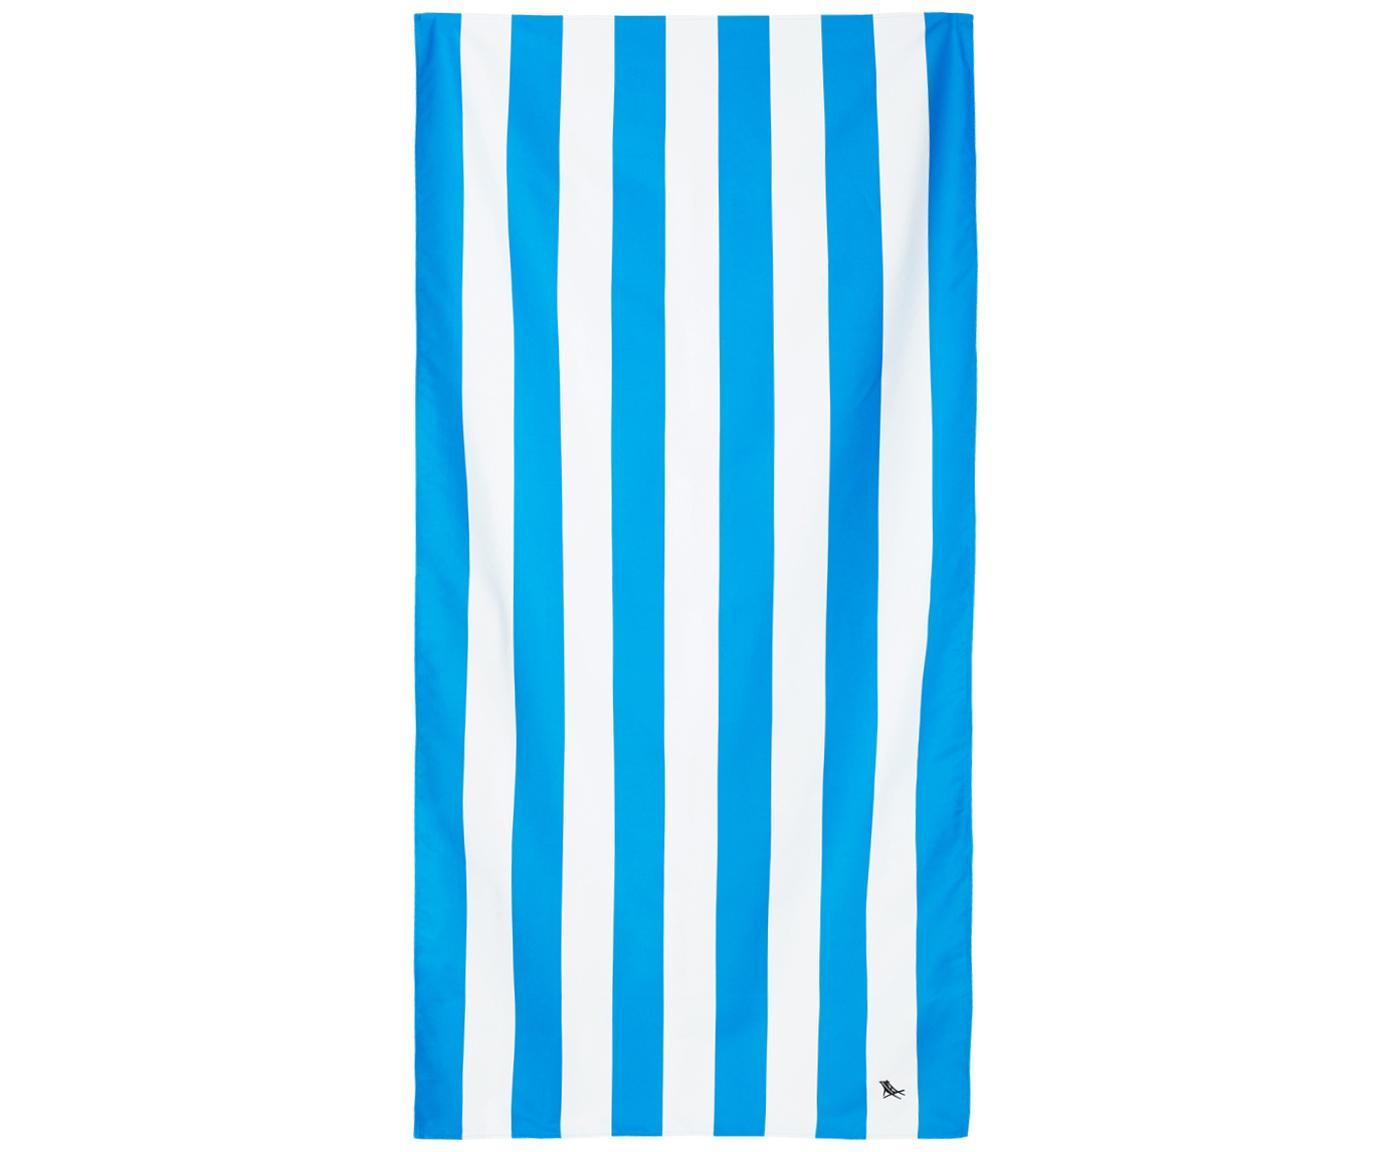 Szybkoschnący ręcznik plażowy z mikrofibry Cabana, Mikrofibra (80% poliester, 20% poliamid), Niebieski, biały, S 90 x D 200 cm